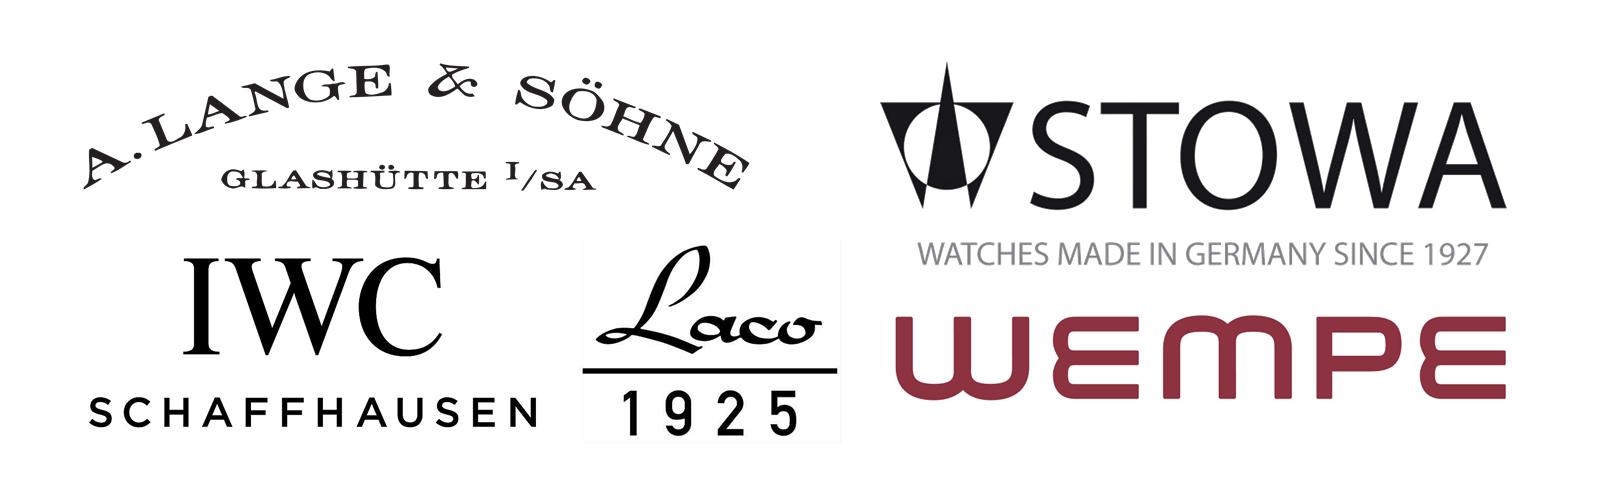 Modern logos of the original flieger watch manufacturers.png